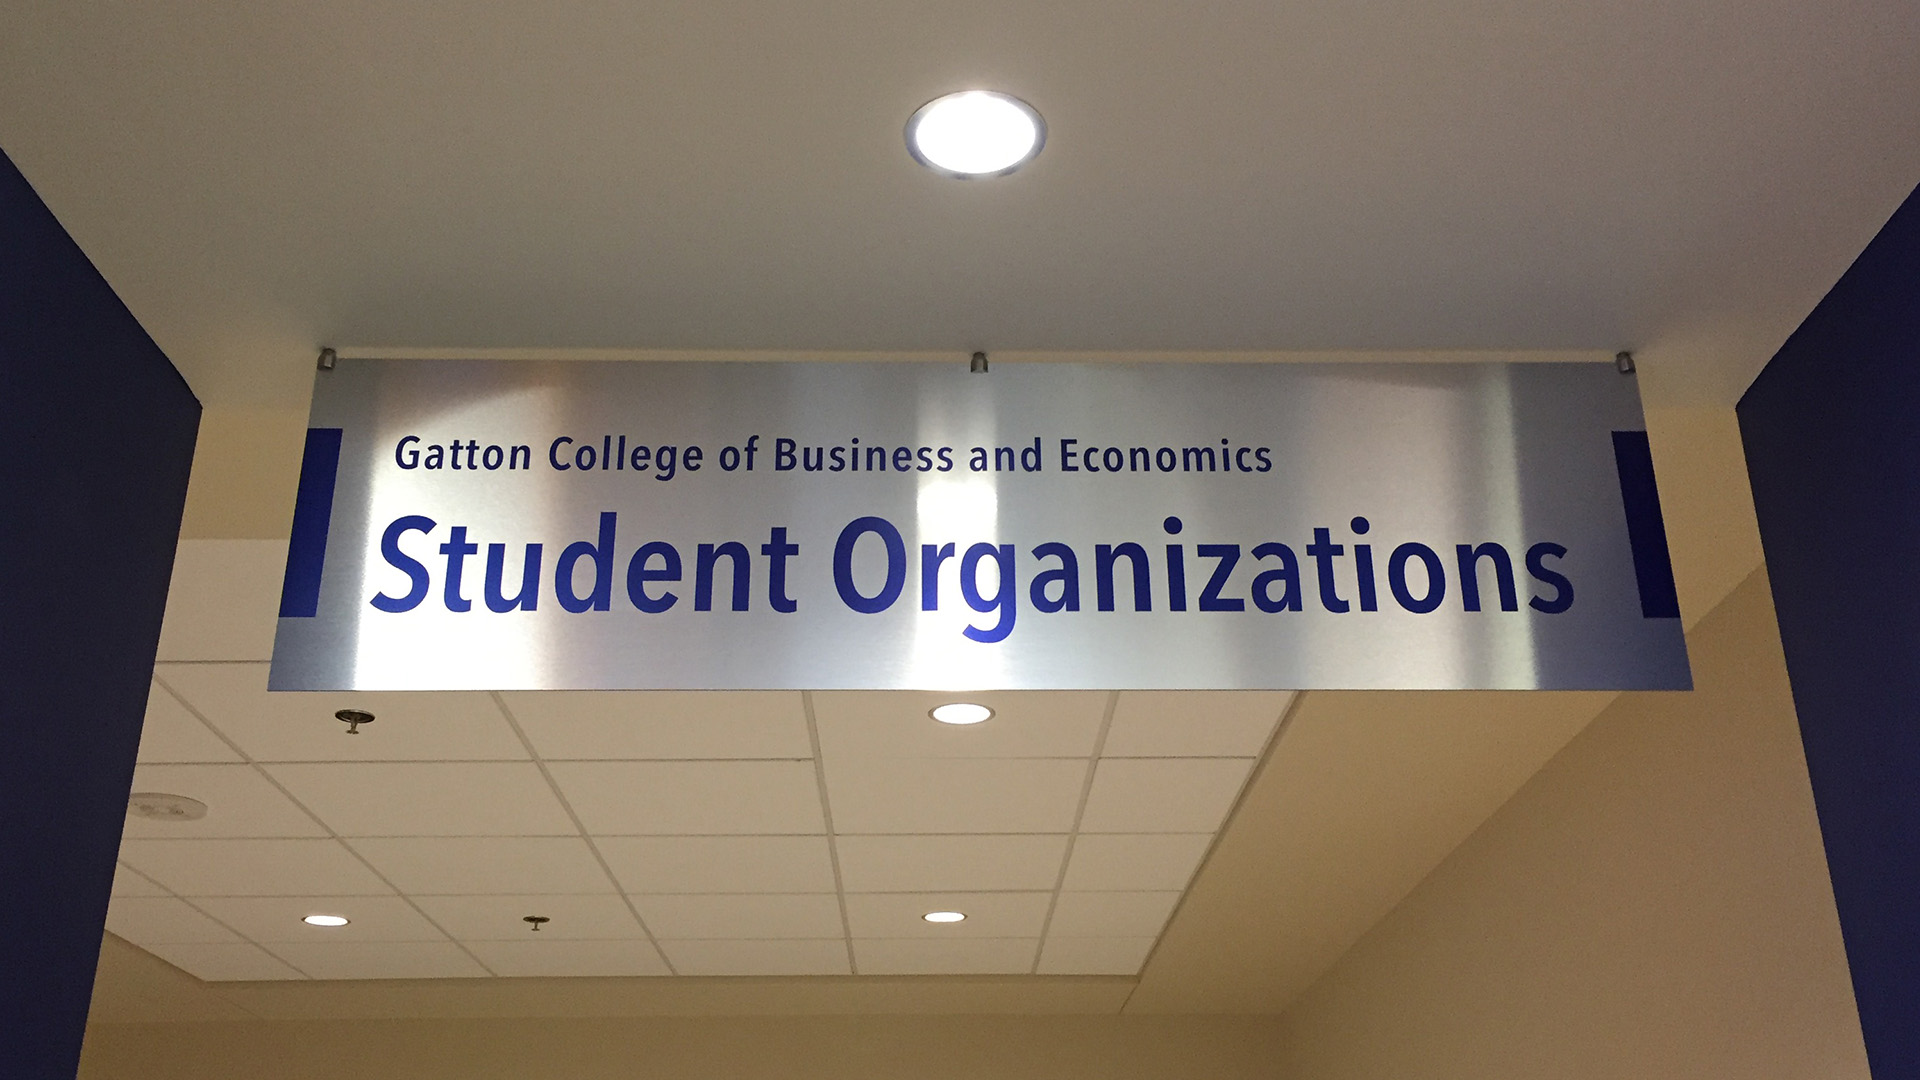 Gatton college student organization banner